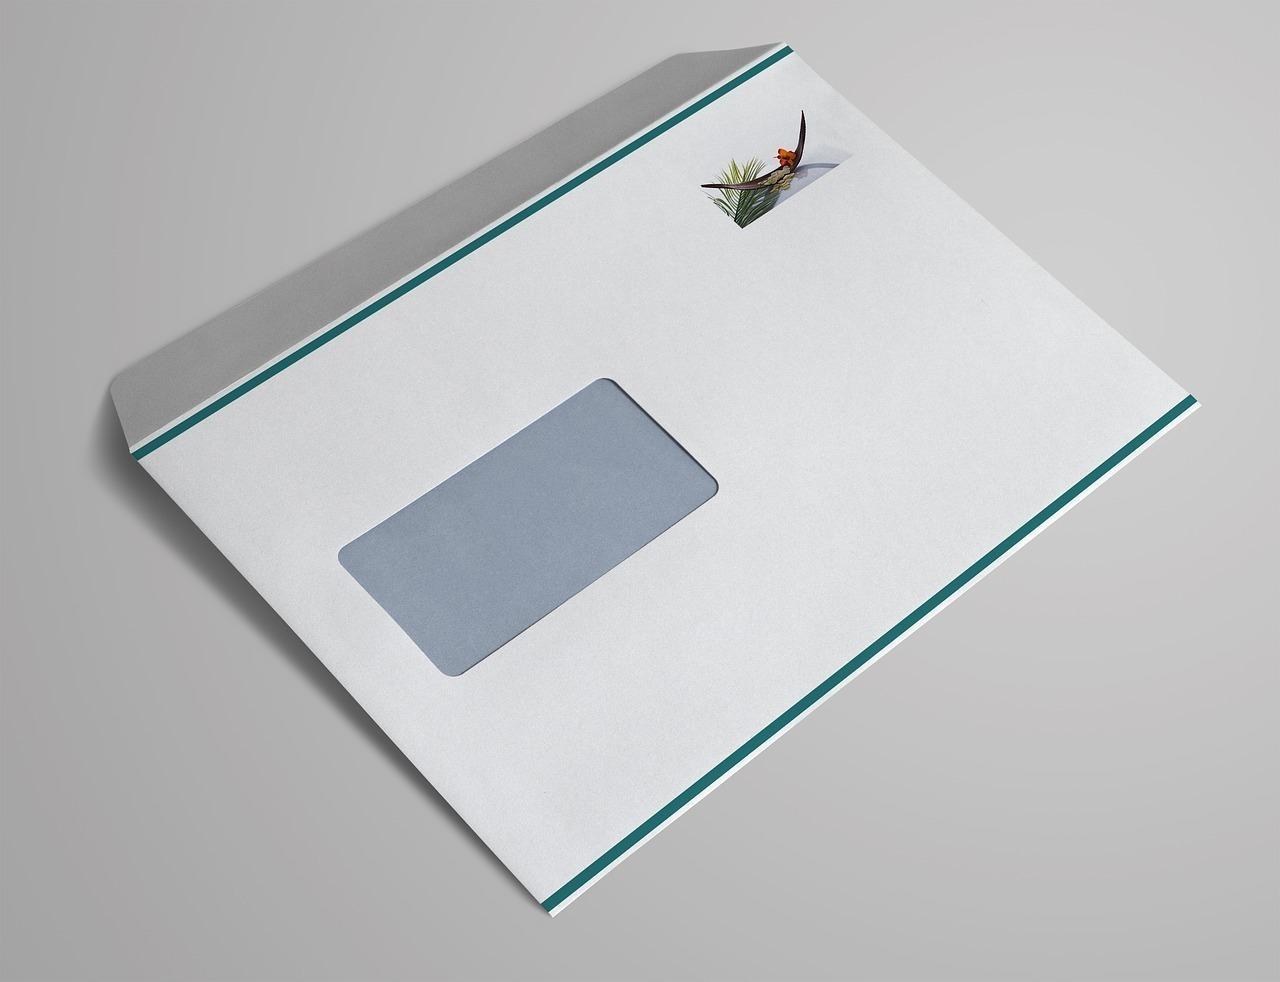 窓付きの封筒